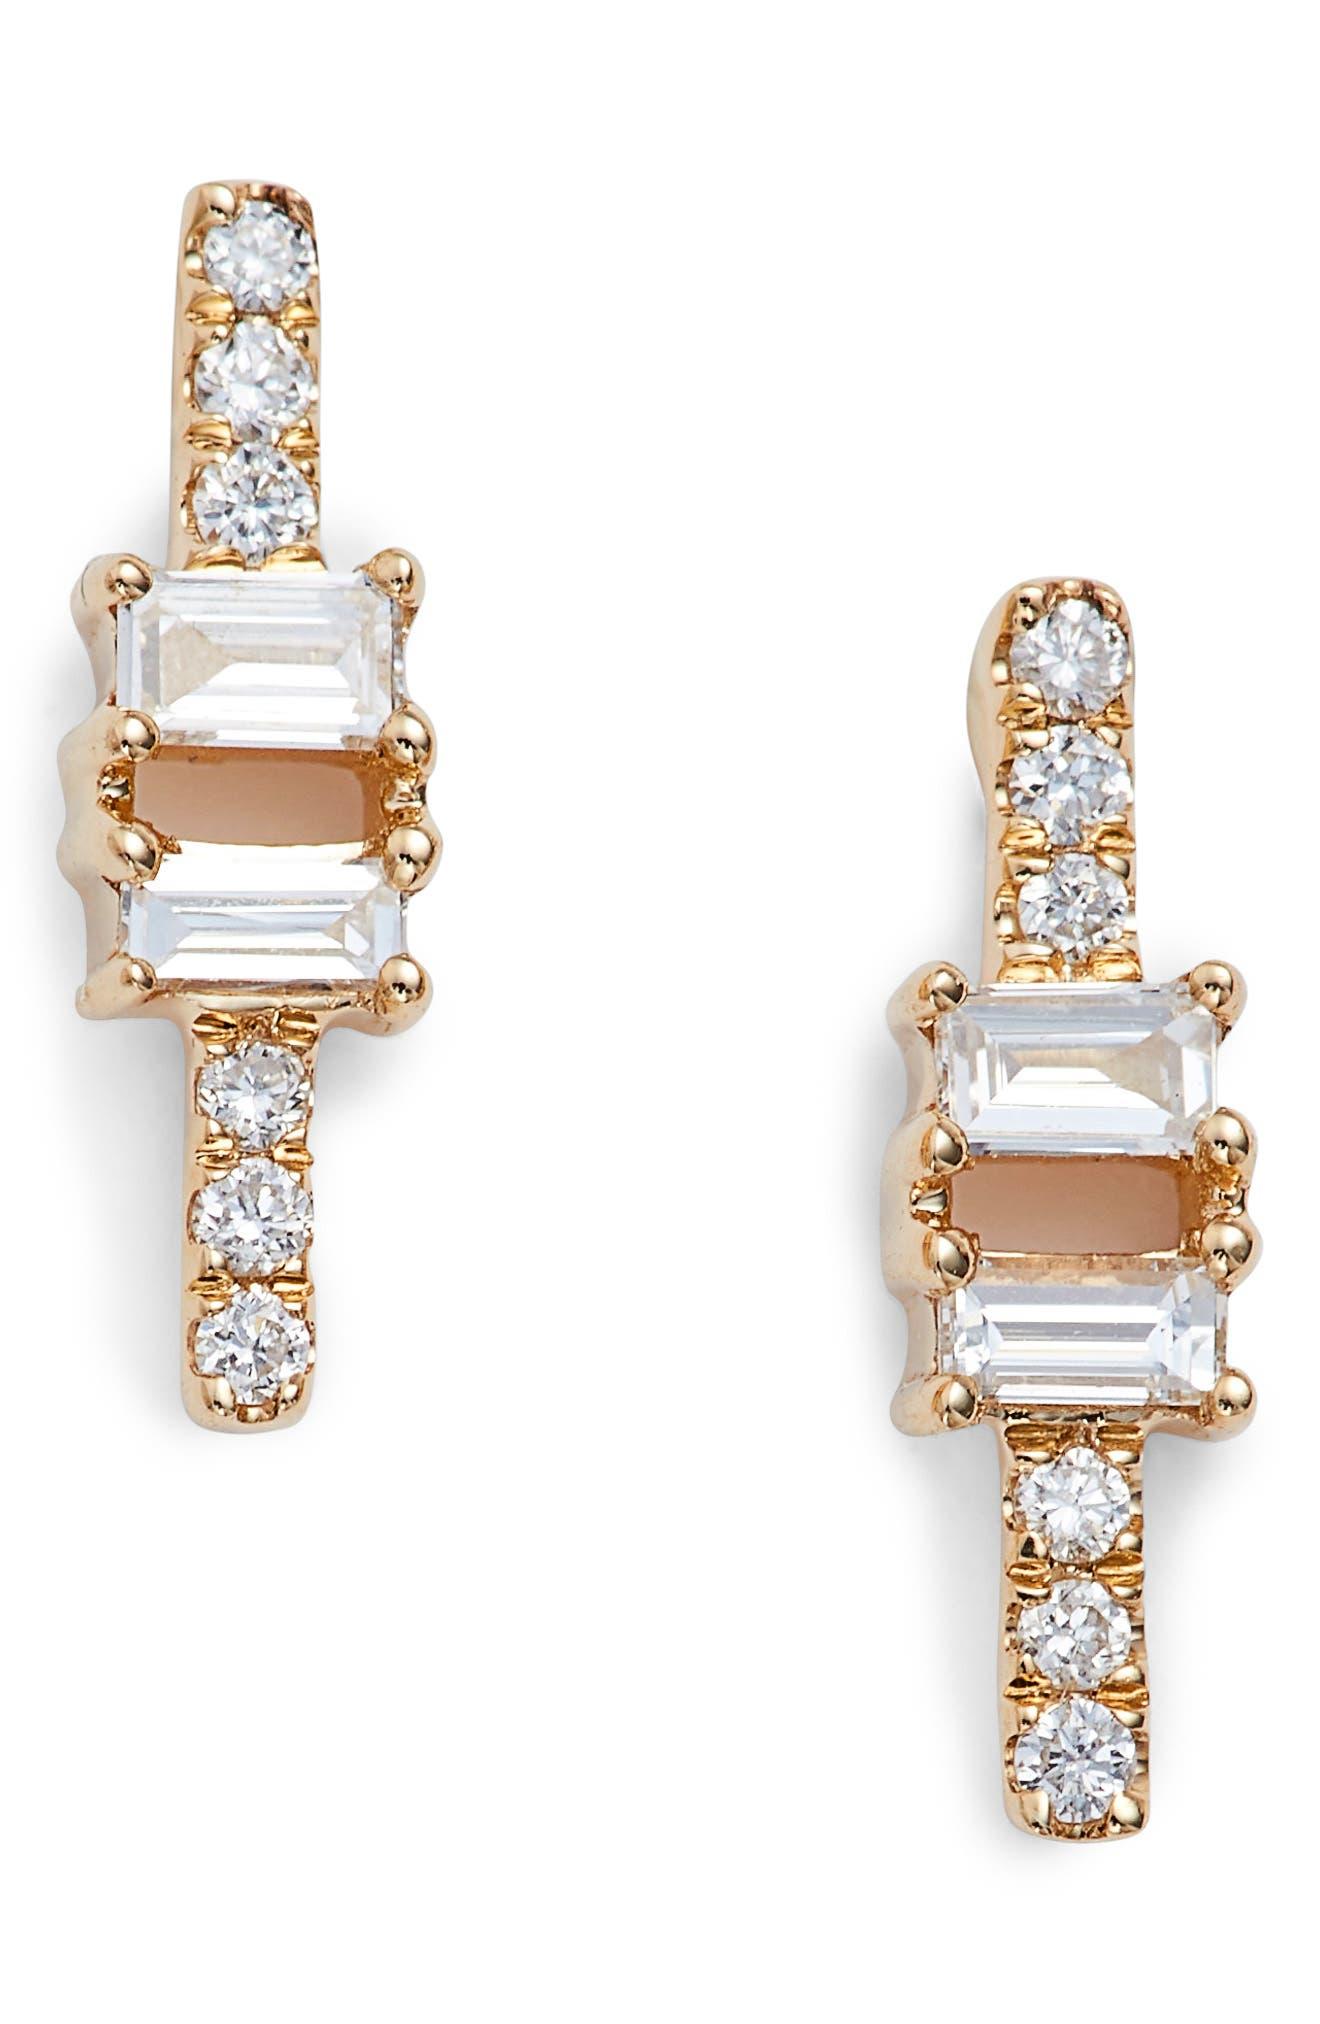 Dana Rebecca Sadie Baguette Bar Stud Earrings,                         Main,                         color, YELLOW GOLD